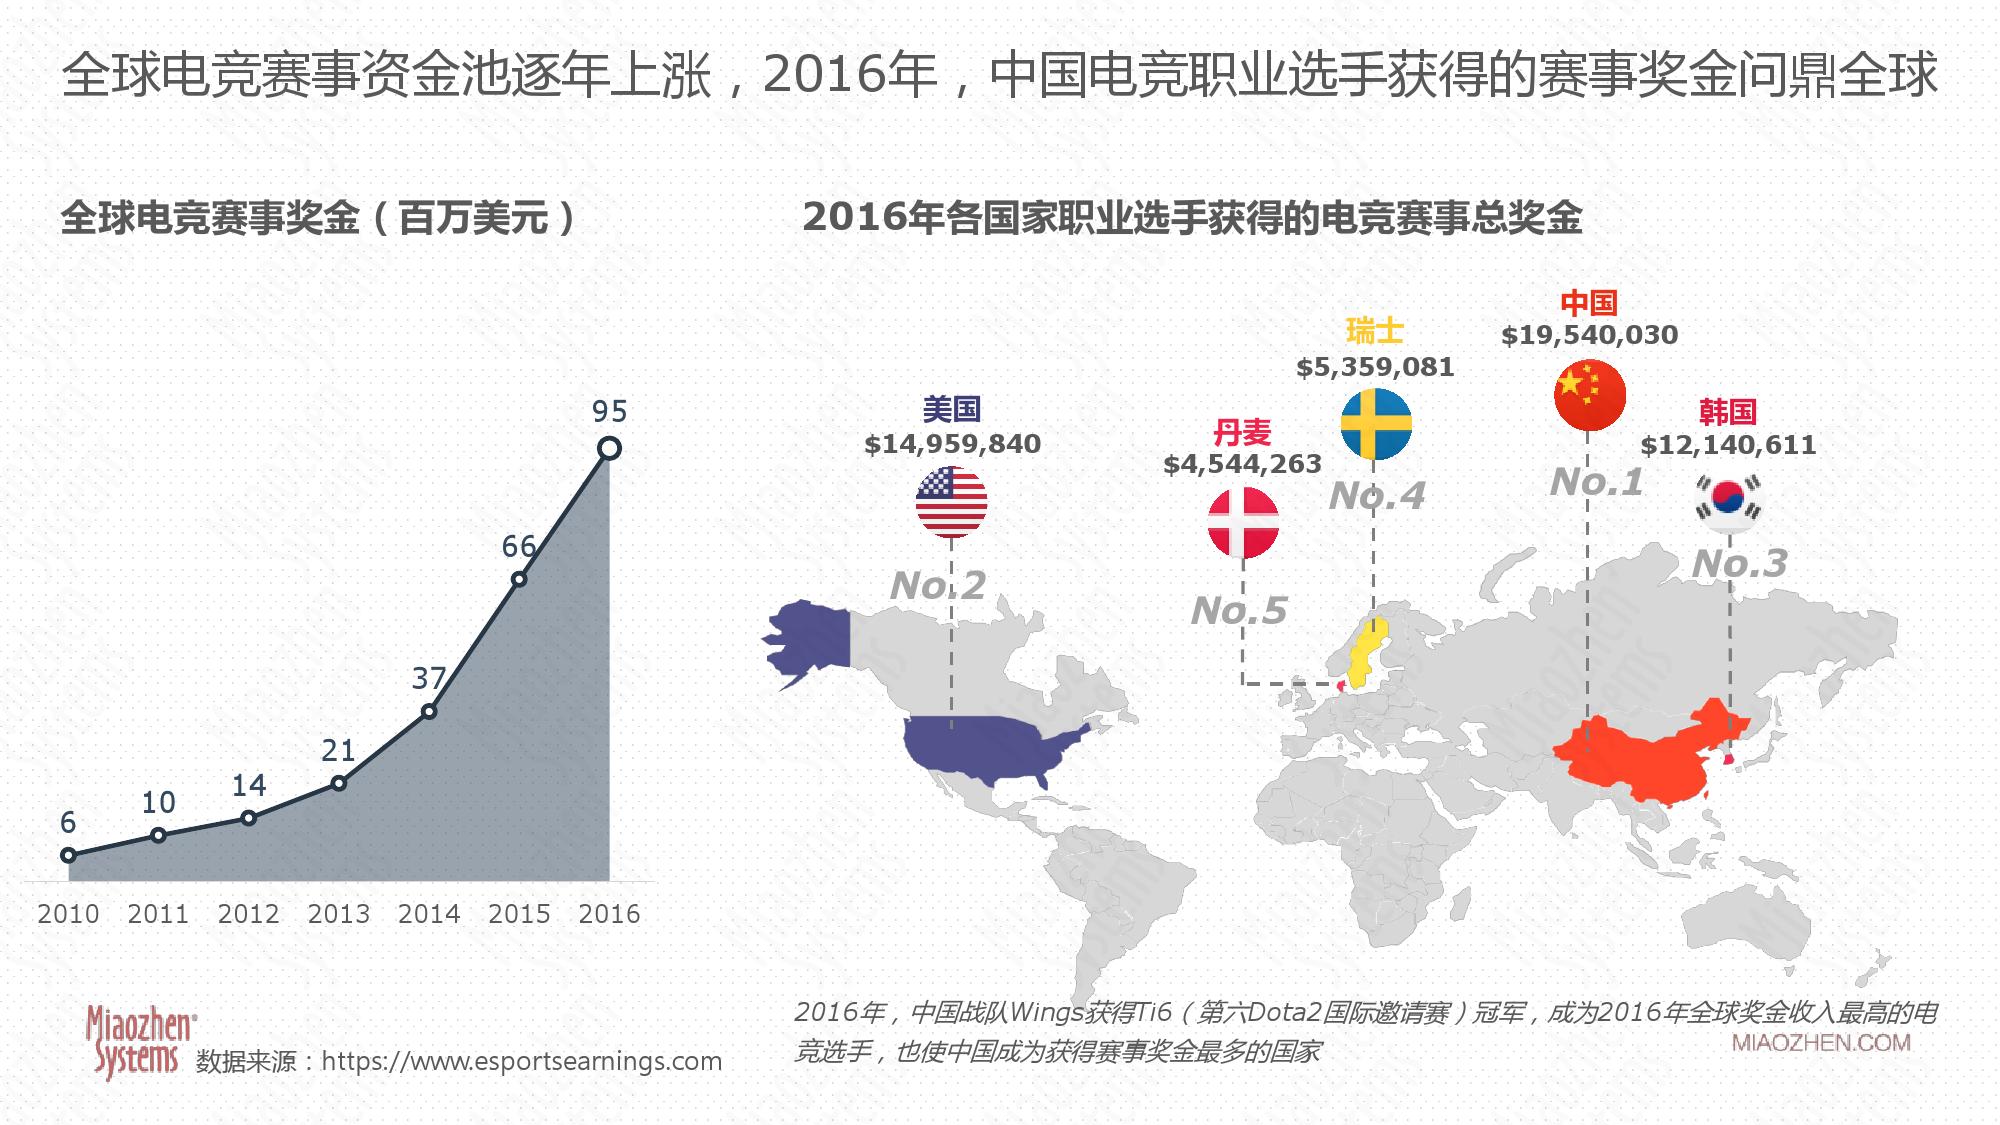 2017年电子竞技行业研究报告-09大数据